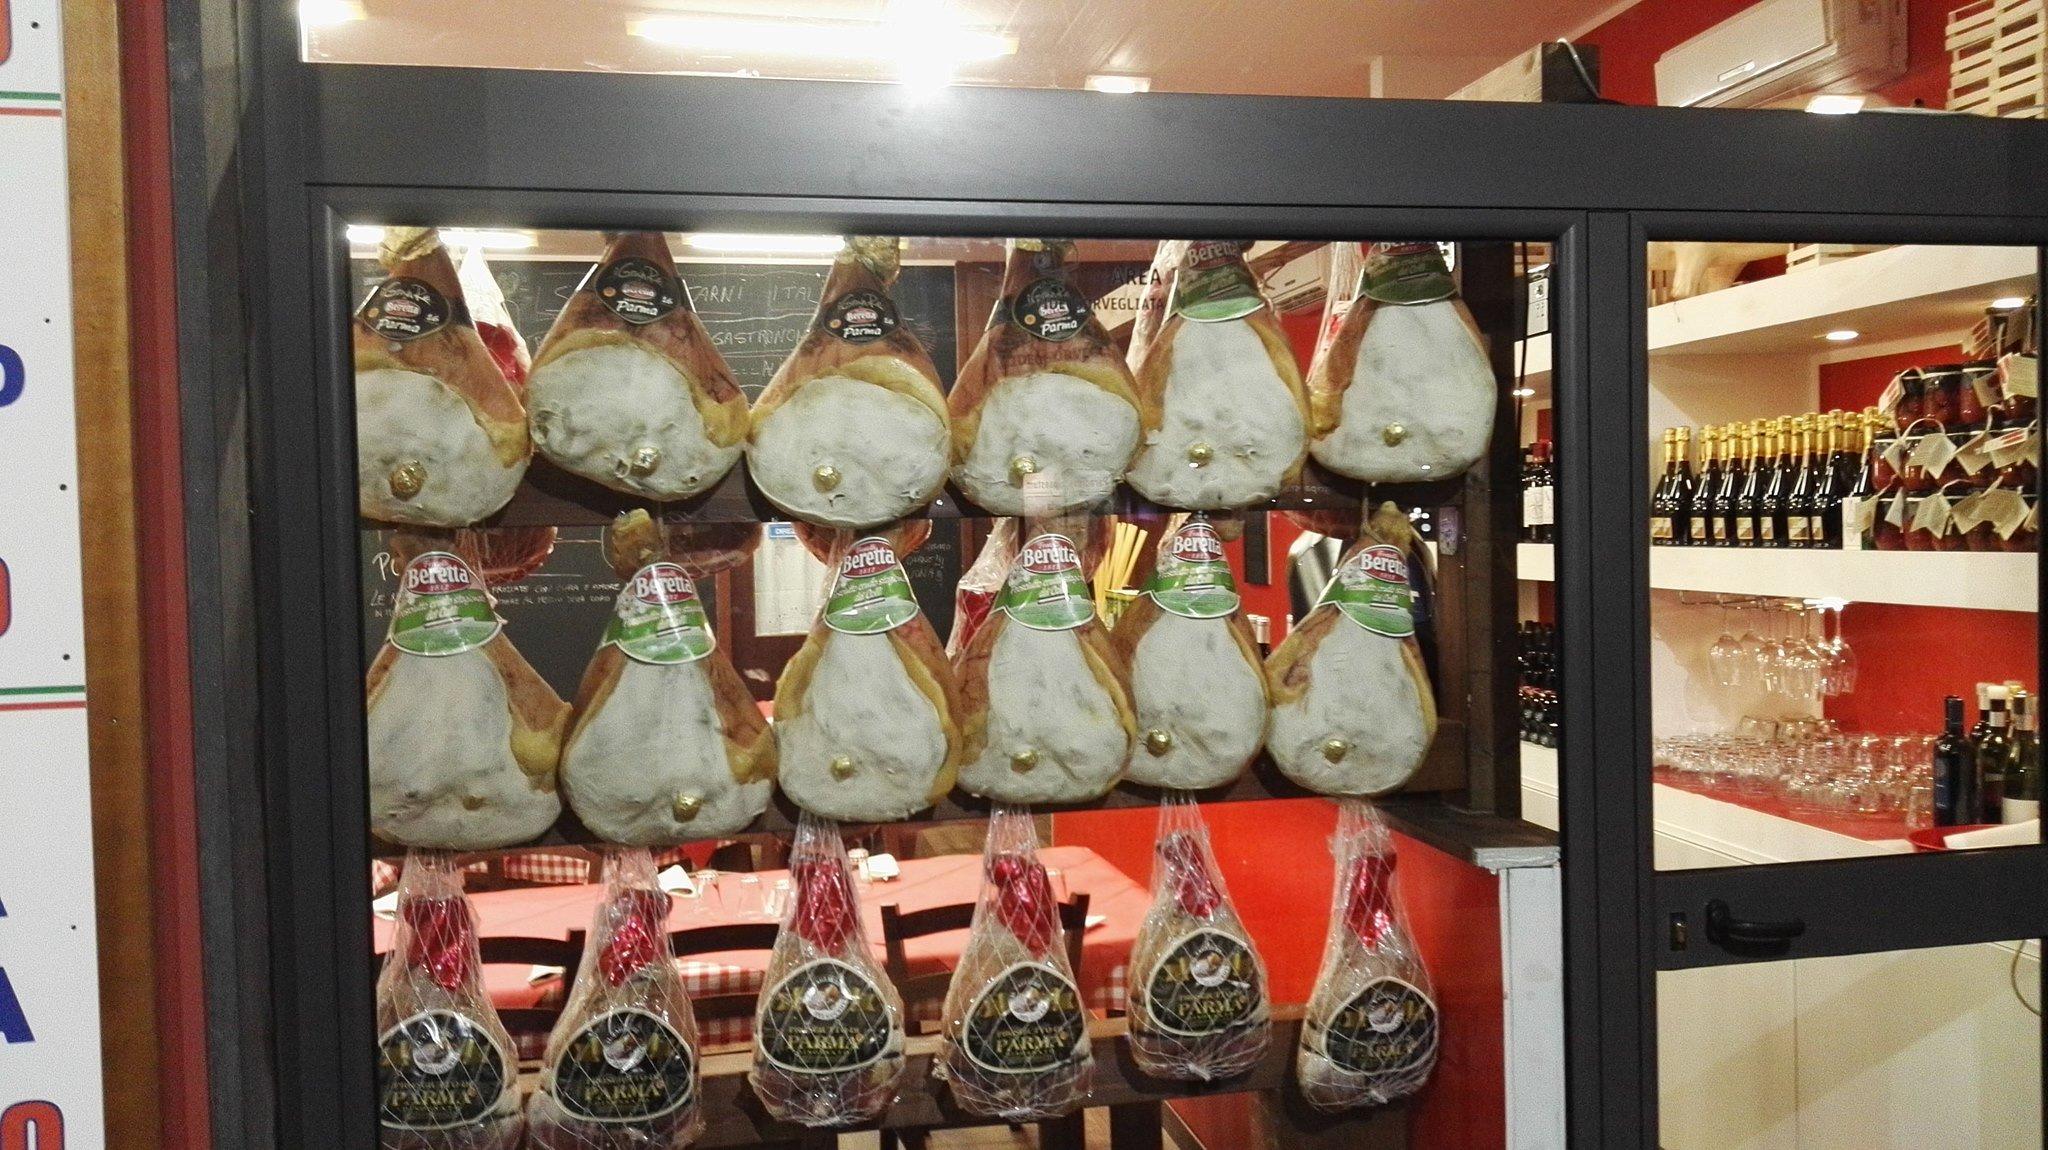 dei tranci di carne della marca Beretta